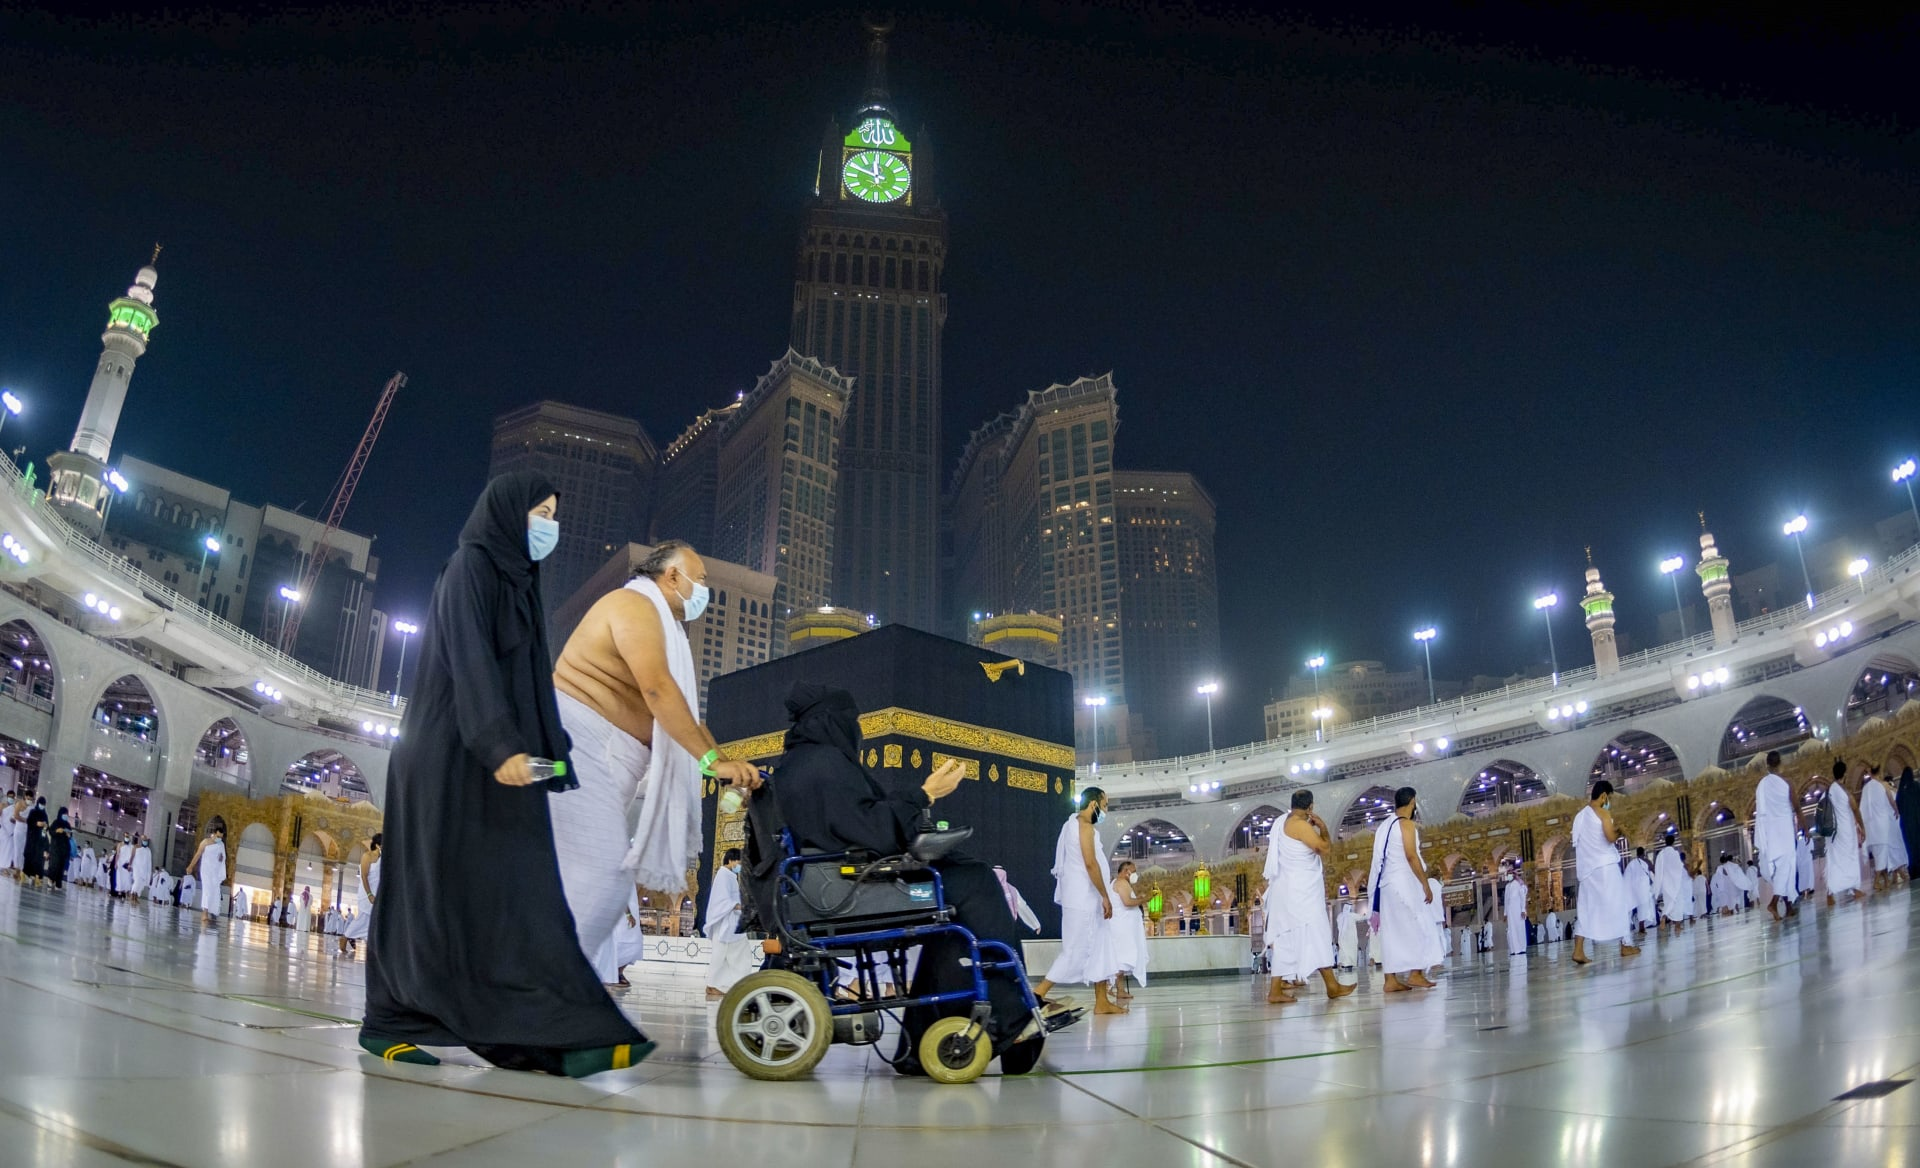 السعودية.. المحكمة العُليا تحدد أول أيام عيد الأضحى وقفة عرفة